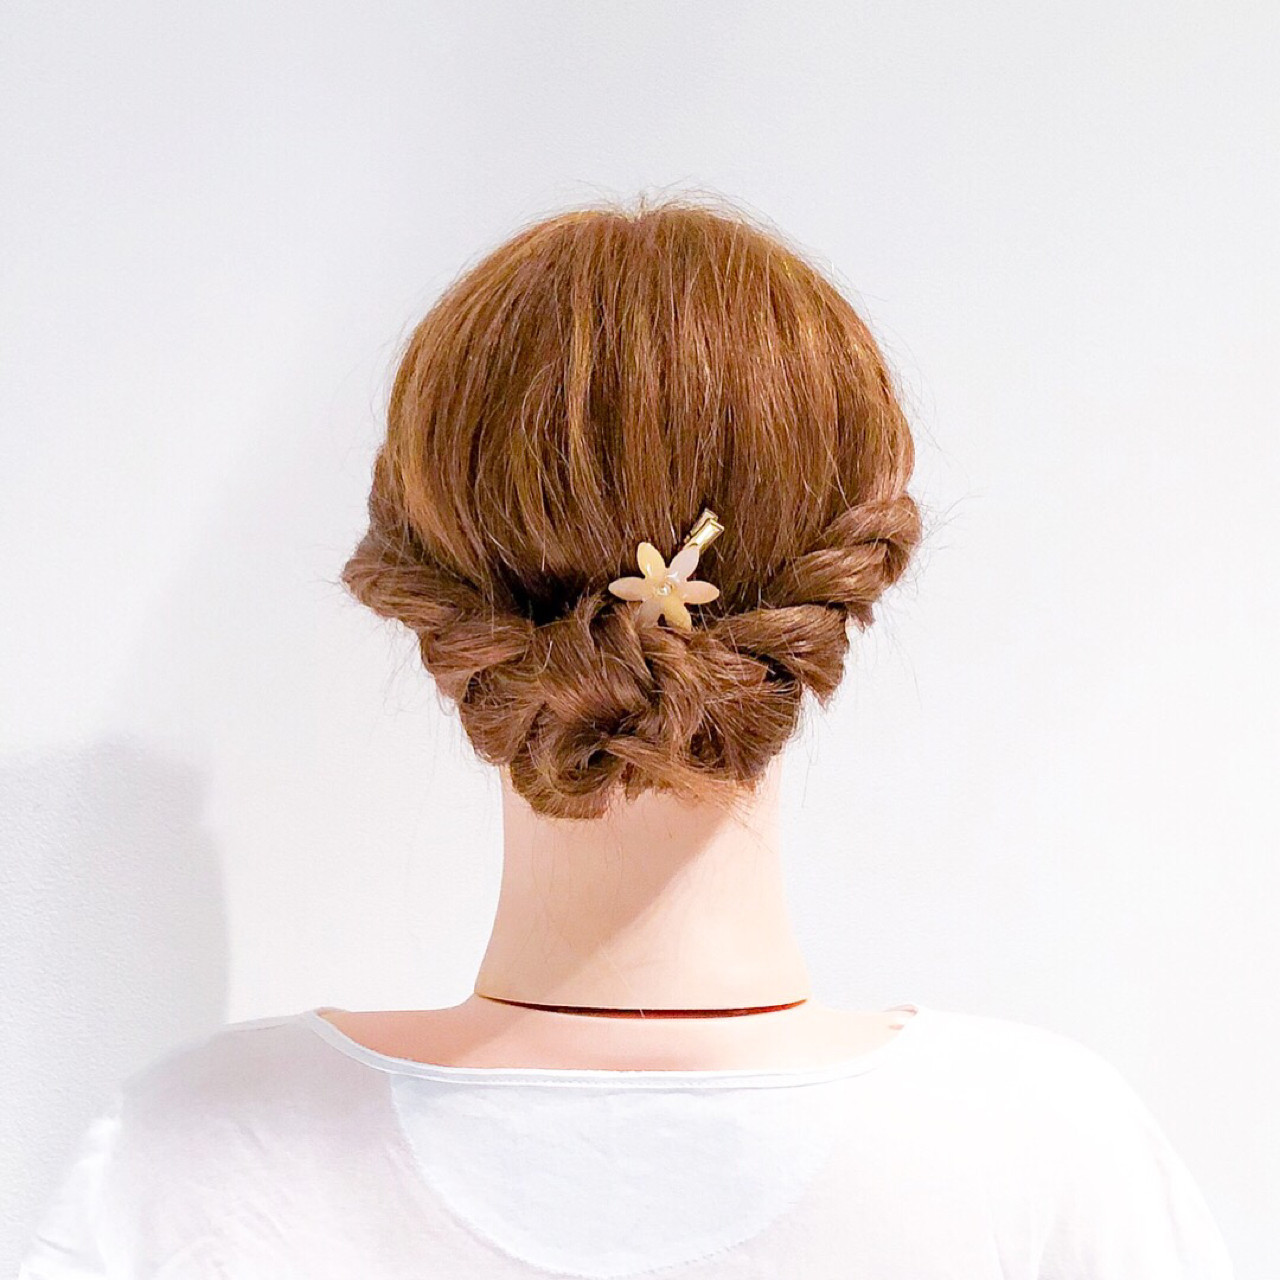 ツイスト編みのやり方 美容師HIRO/Amoute代表